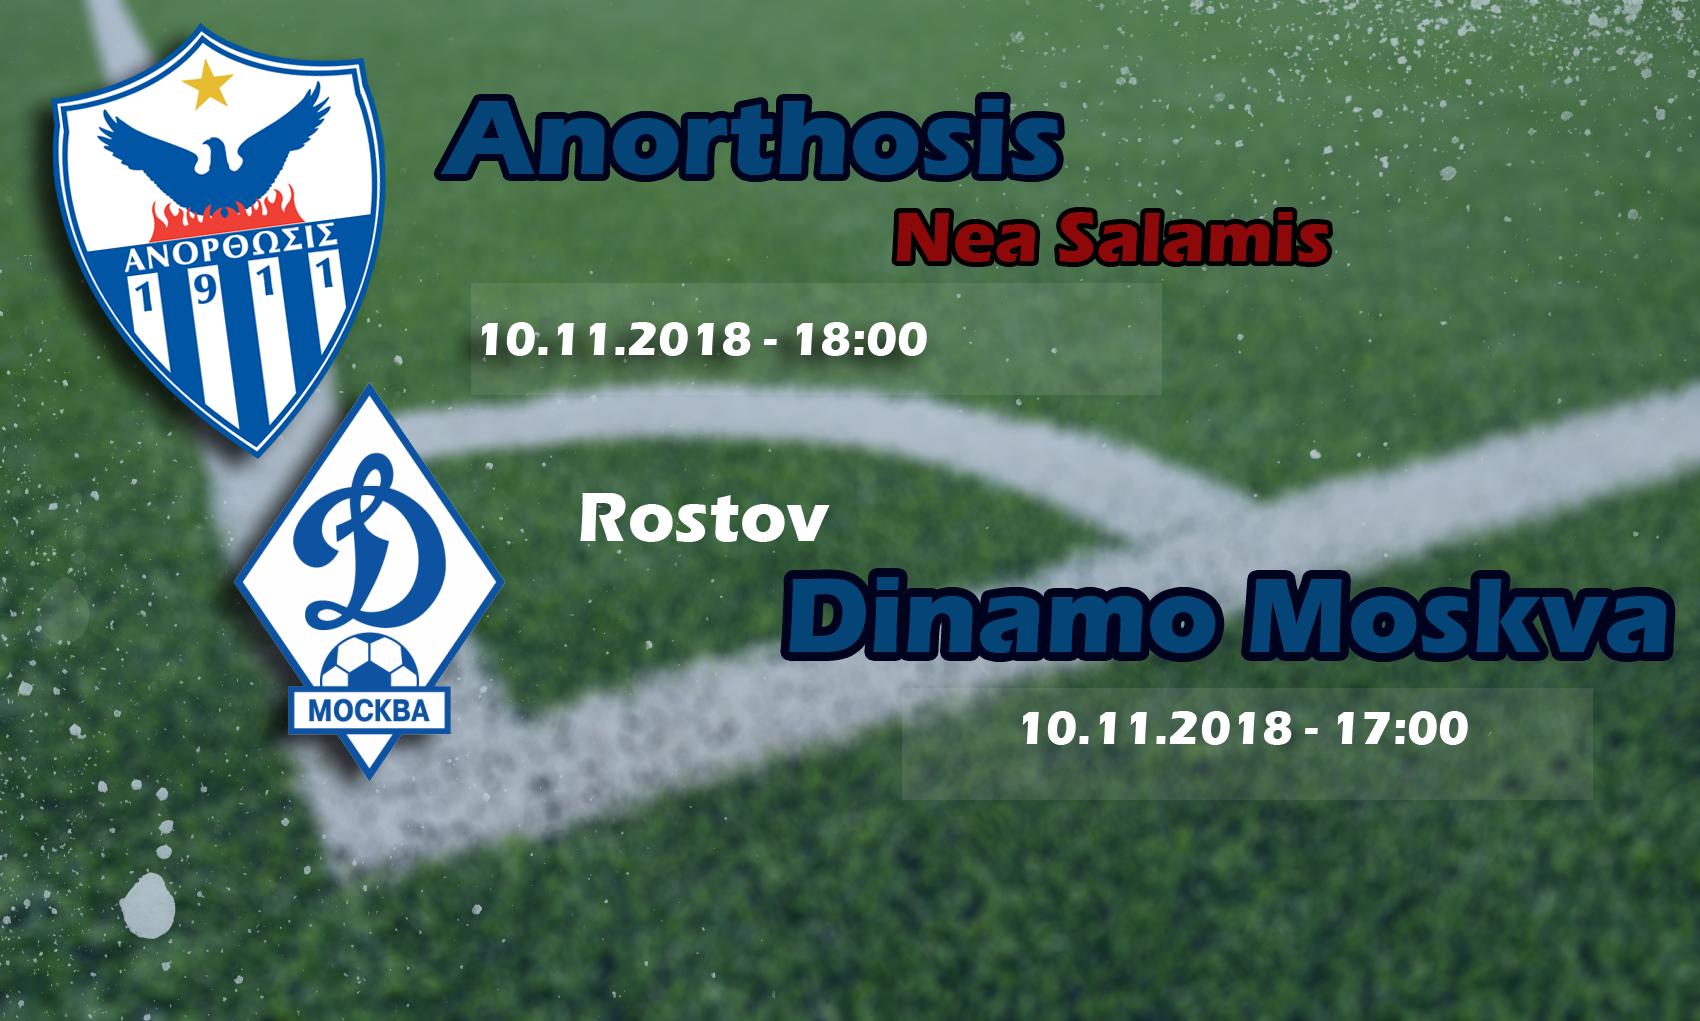 И Динамо и Анортозис у Суботу!